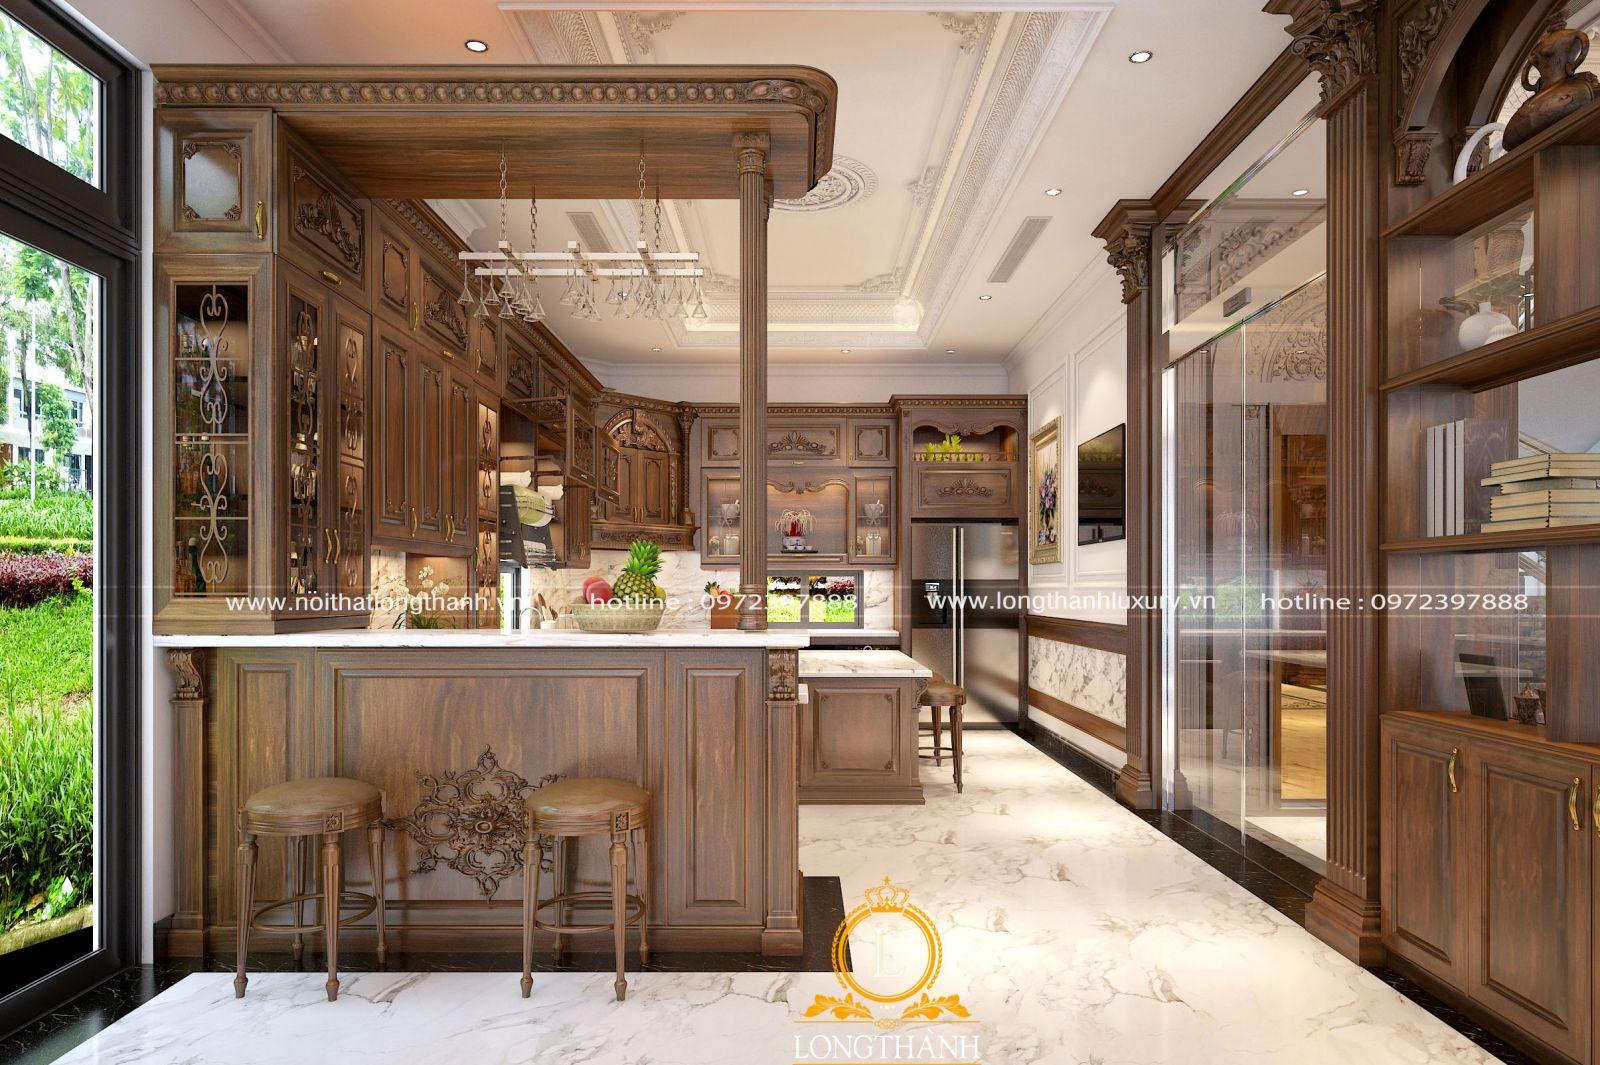 Mẫu tủ bếp gỗ Sồi đẹp cho nhà biệt thự rộng